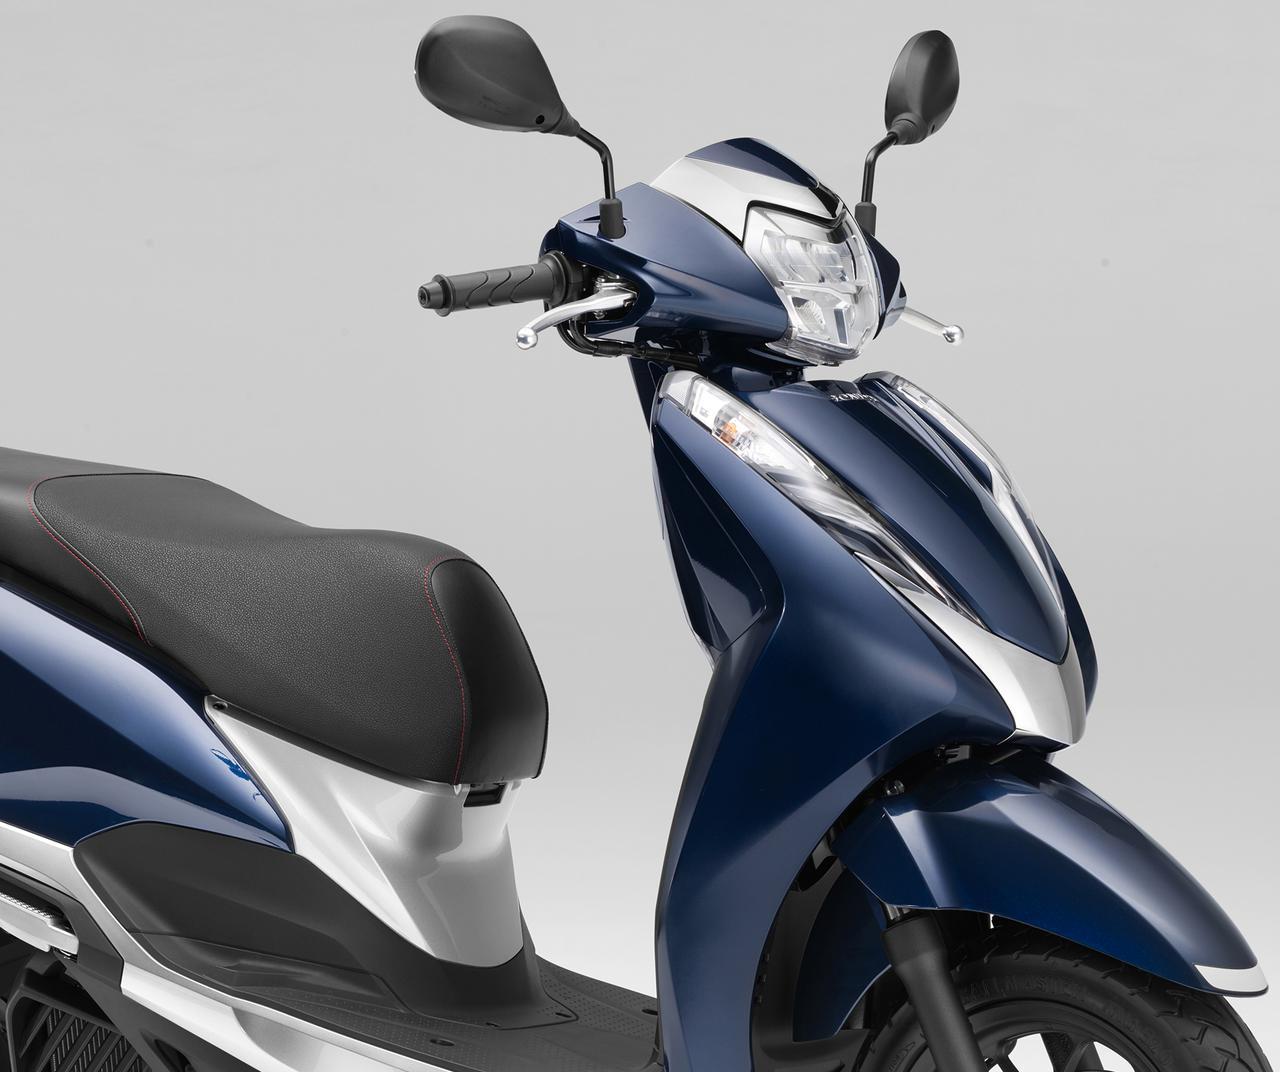 画像: 「リード125」詳しくはこちら。通勤バイクとしての性能を解説 - webオートバイ